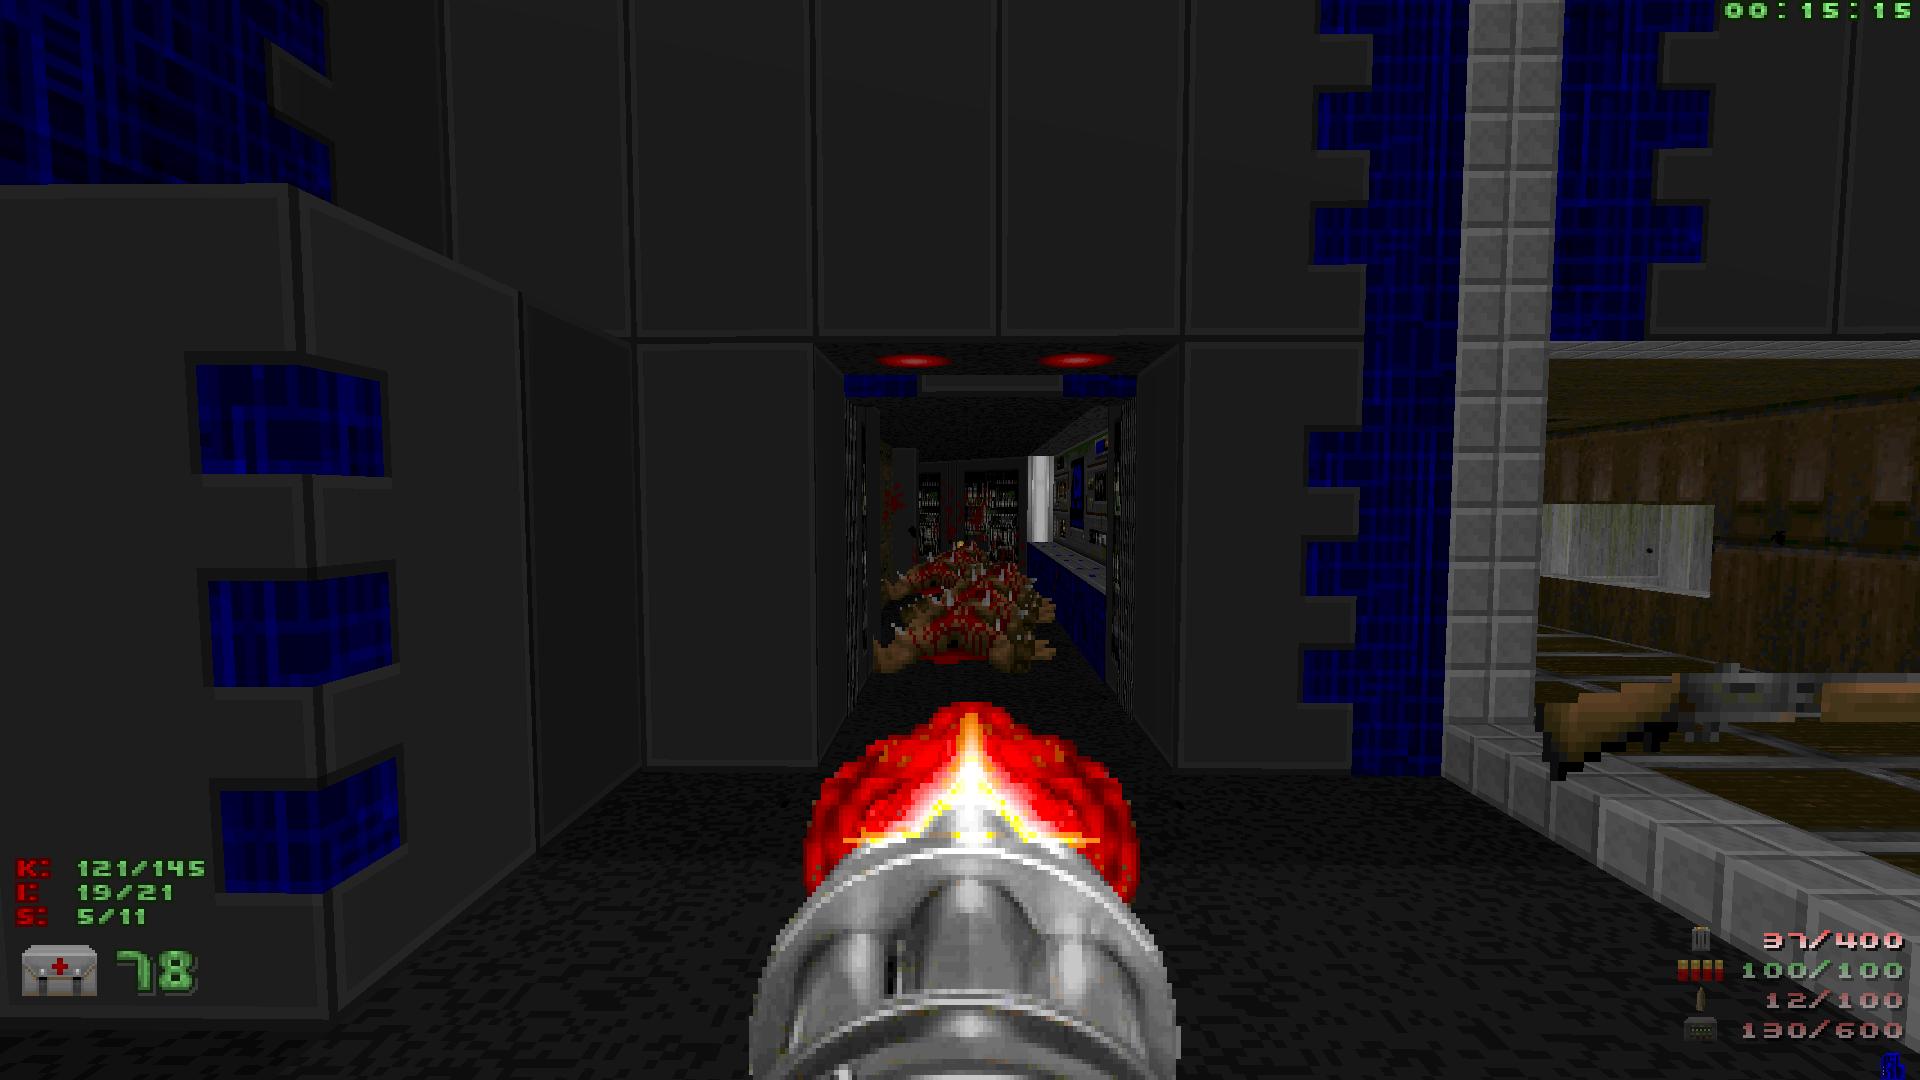 Screenshot_Doom_20210227_112631.png.c16cedeac25d76706857c7c5ea4f1e04.png